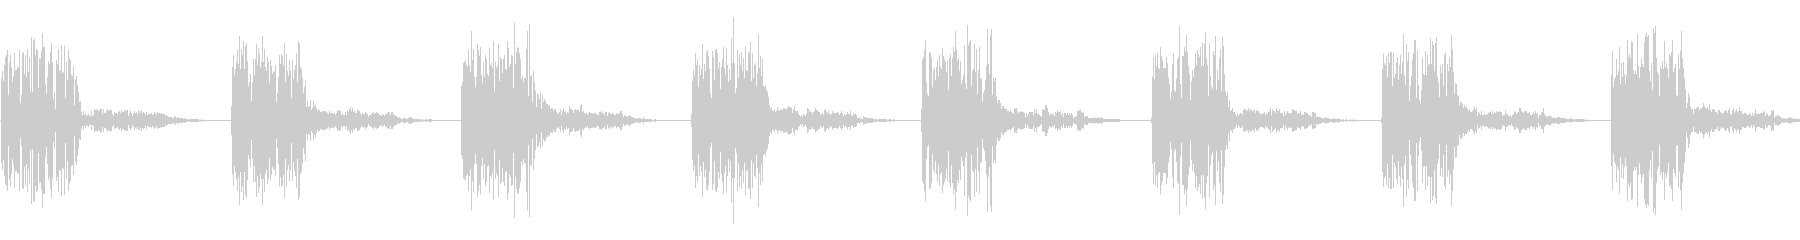 タタタタ(走る音、逃走音)の未再生の波形